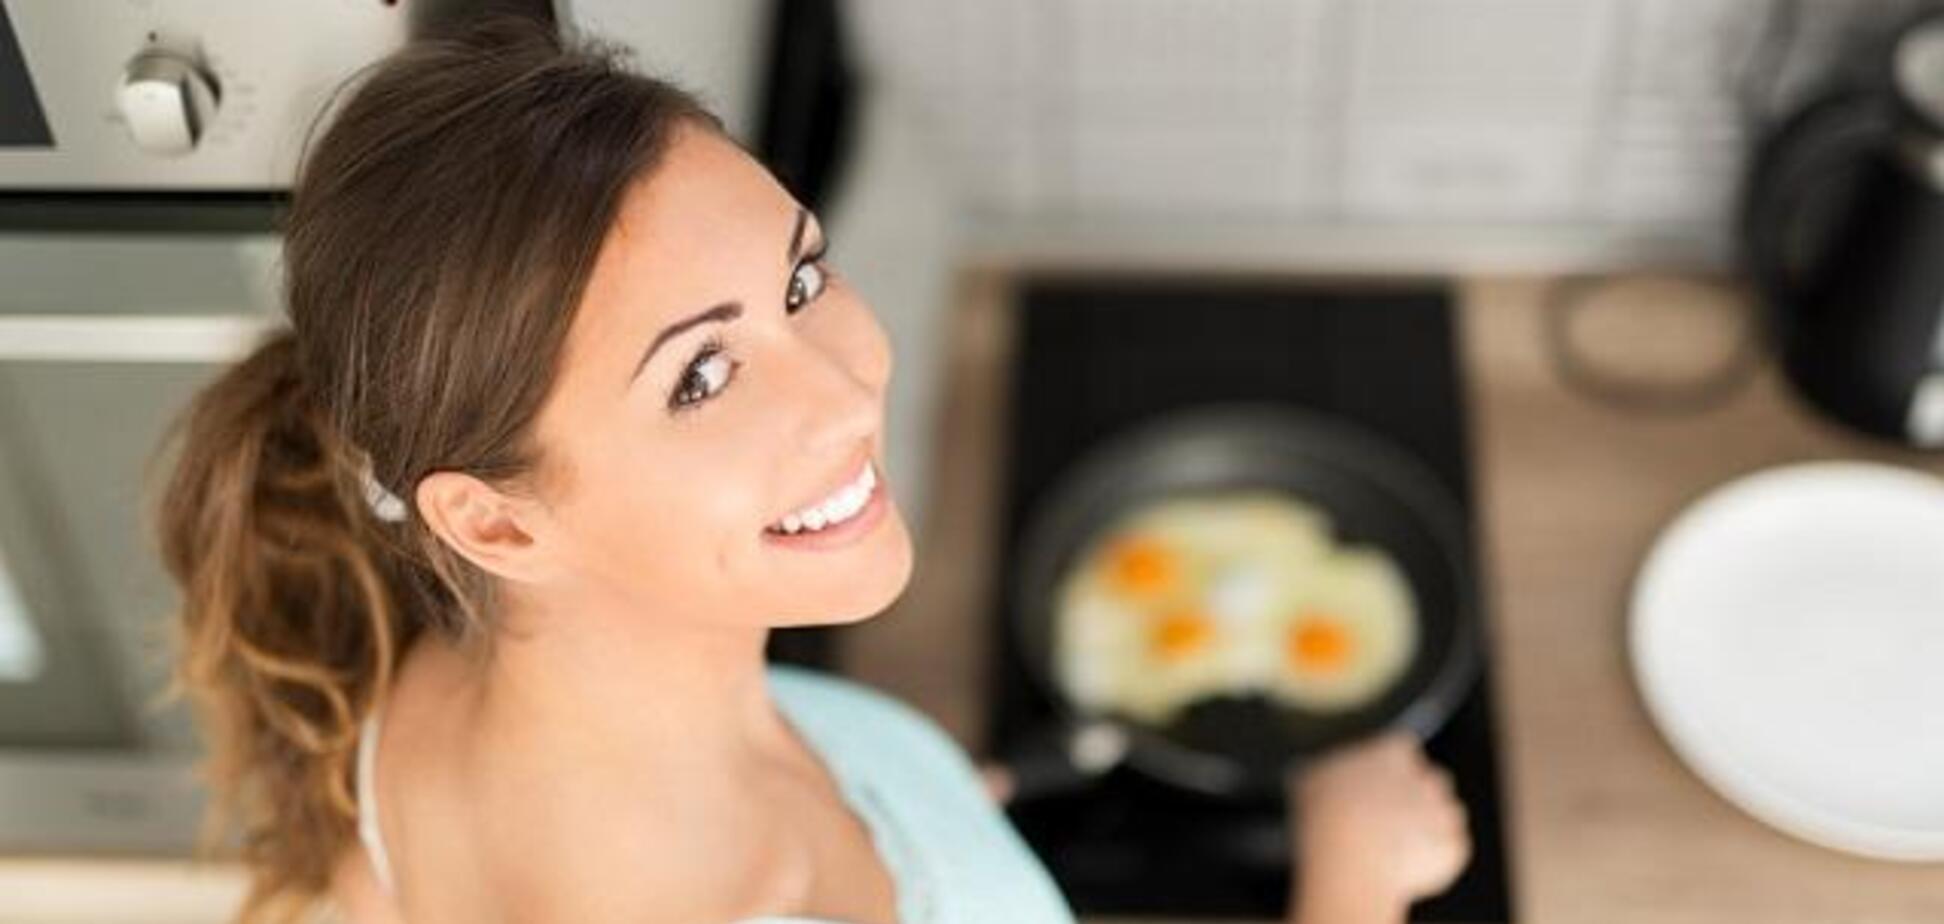 Що не можна їсти на сніданок: названо 6 заборонених продуктів